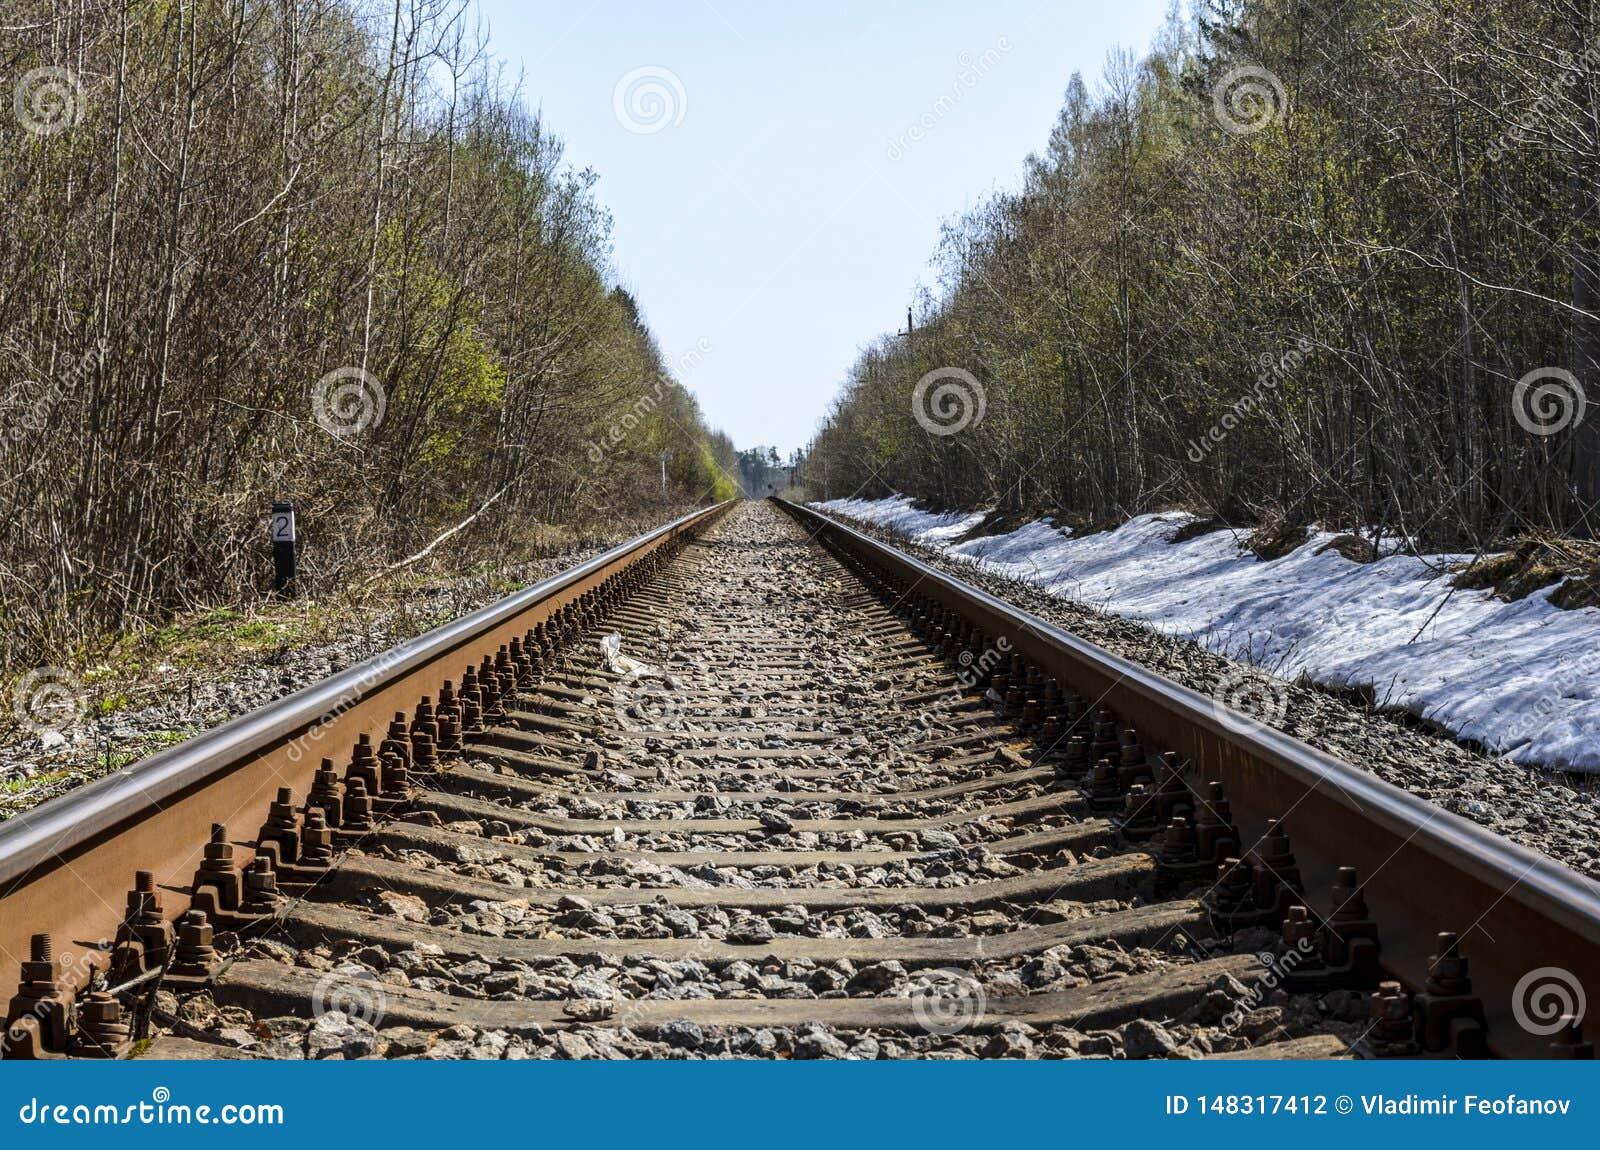 Richtung einer einspurigen Eisenbahn f?r alte Dampfz?ge oder Dieselz?ge Schienen und Lagerschwellen gelegt in einen sch?nen Wald